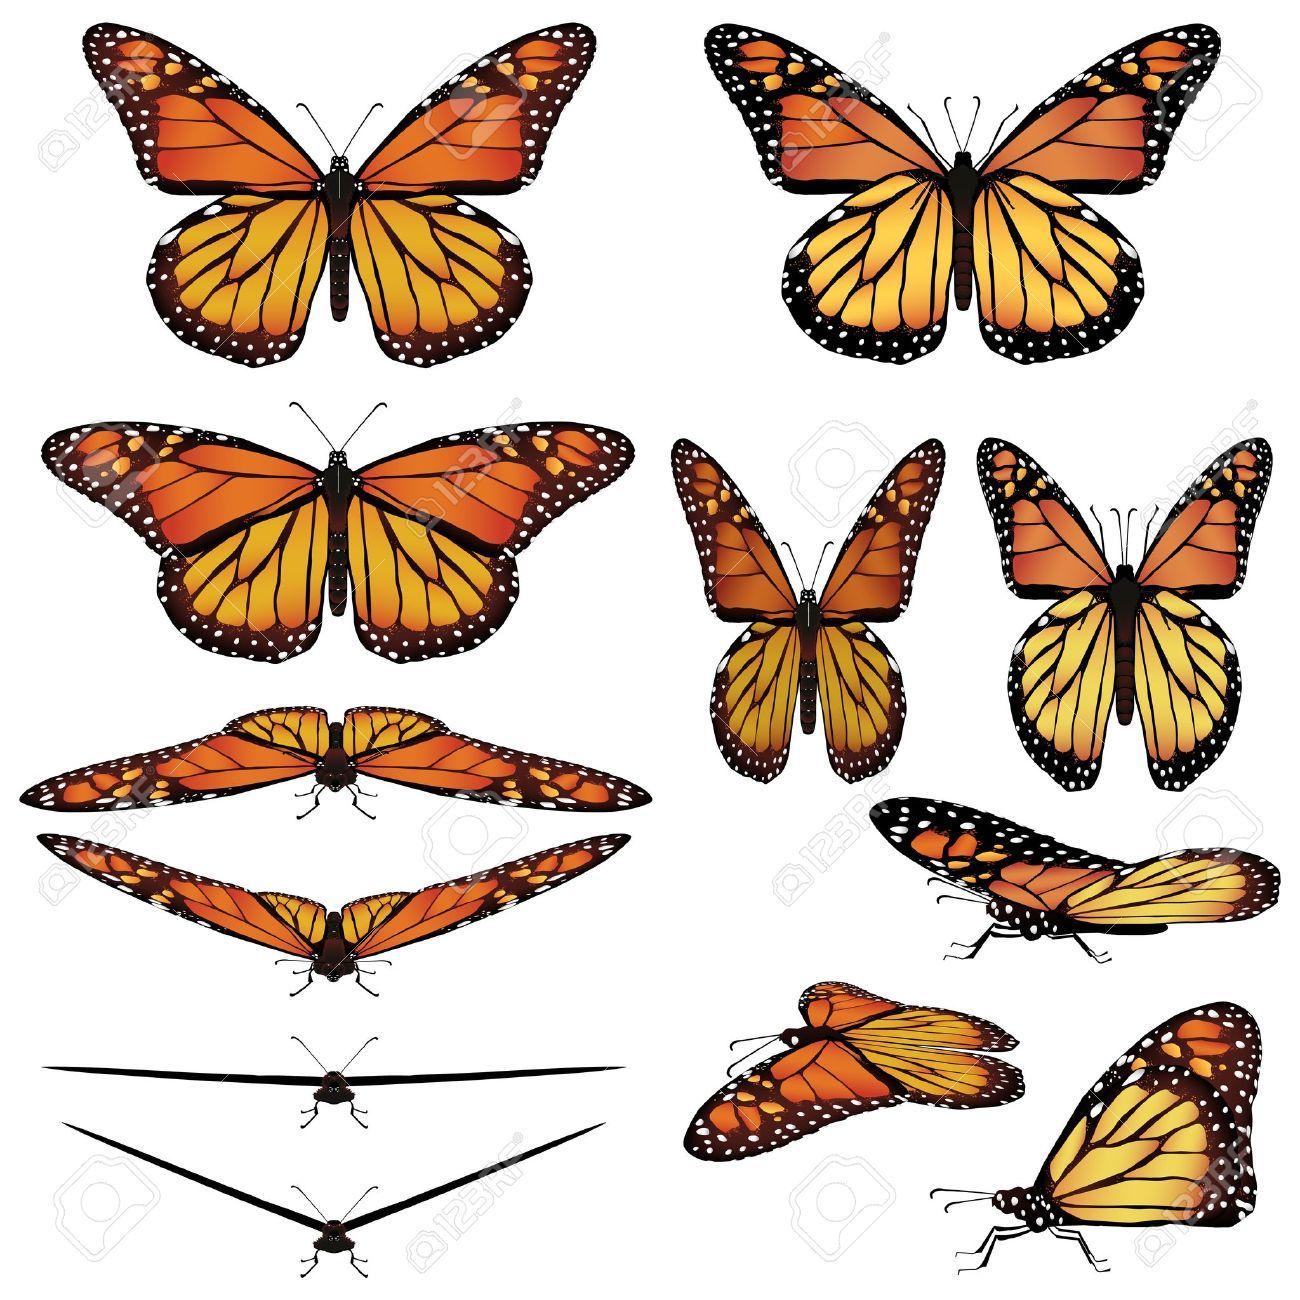 monarch butterfly google search [ 1300 x 1300 Pixel ]